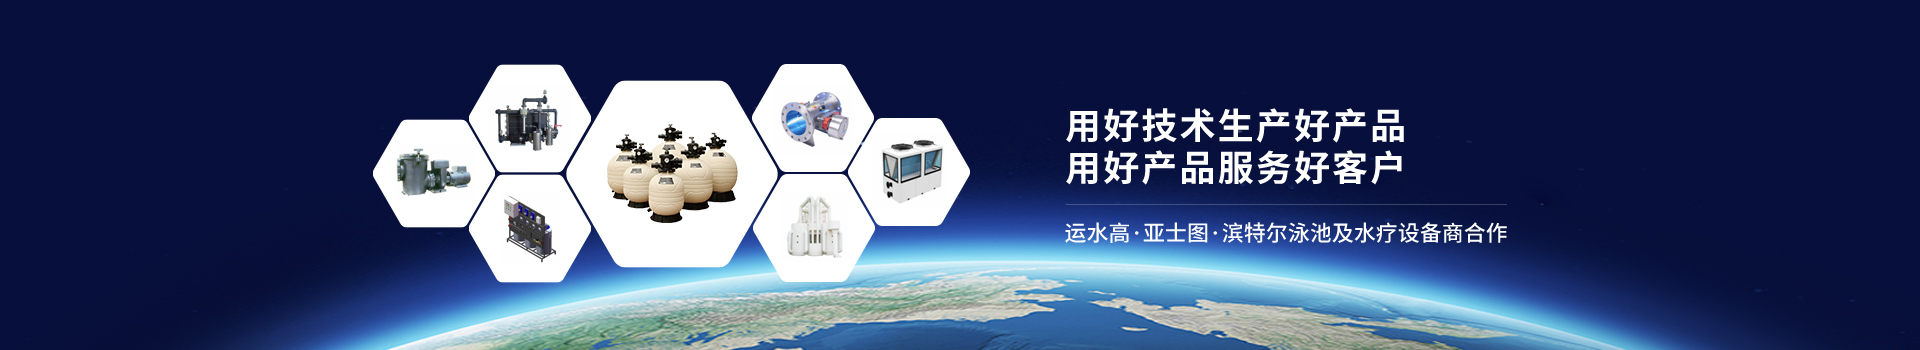 南宁长江源-用好技术生产好产品,用好产品服务好客户